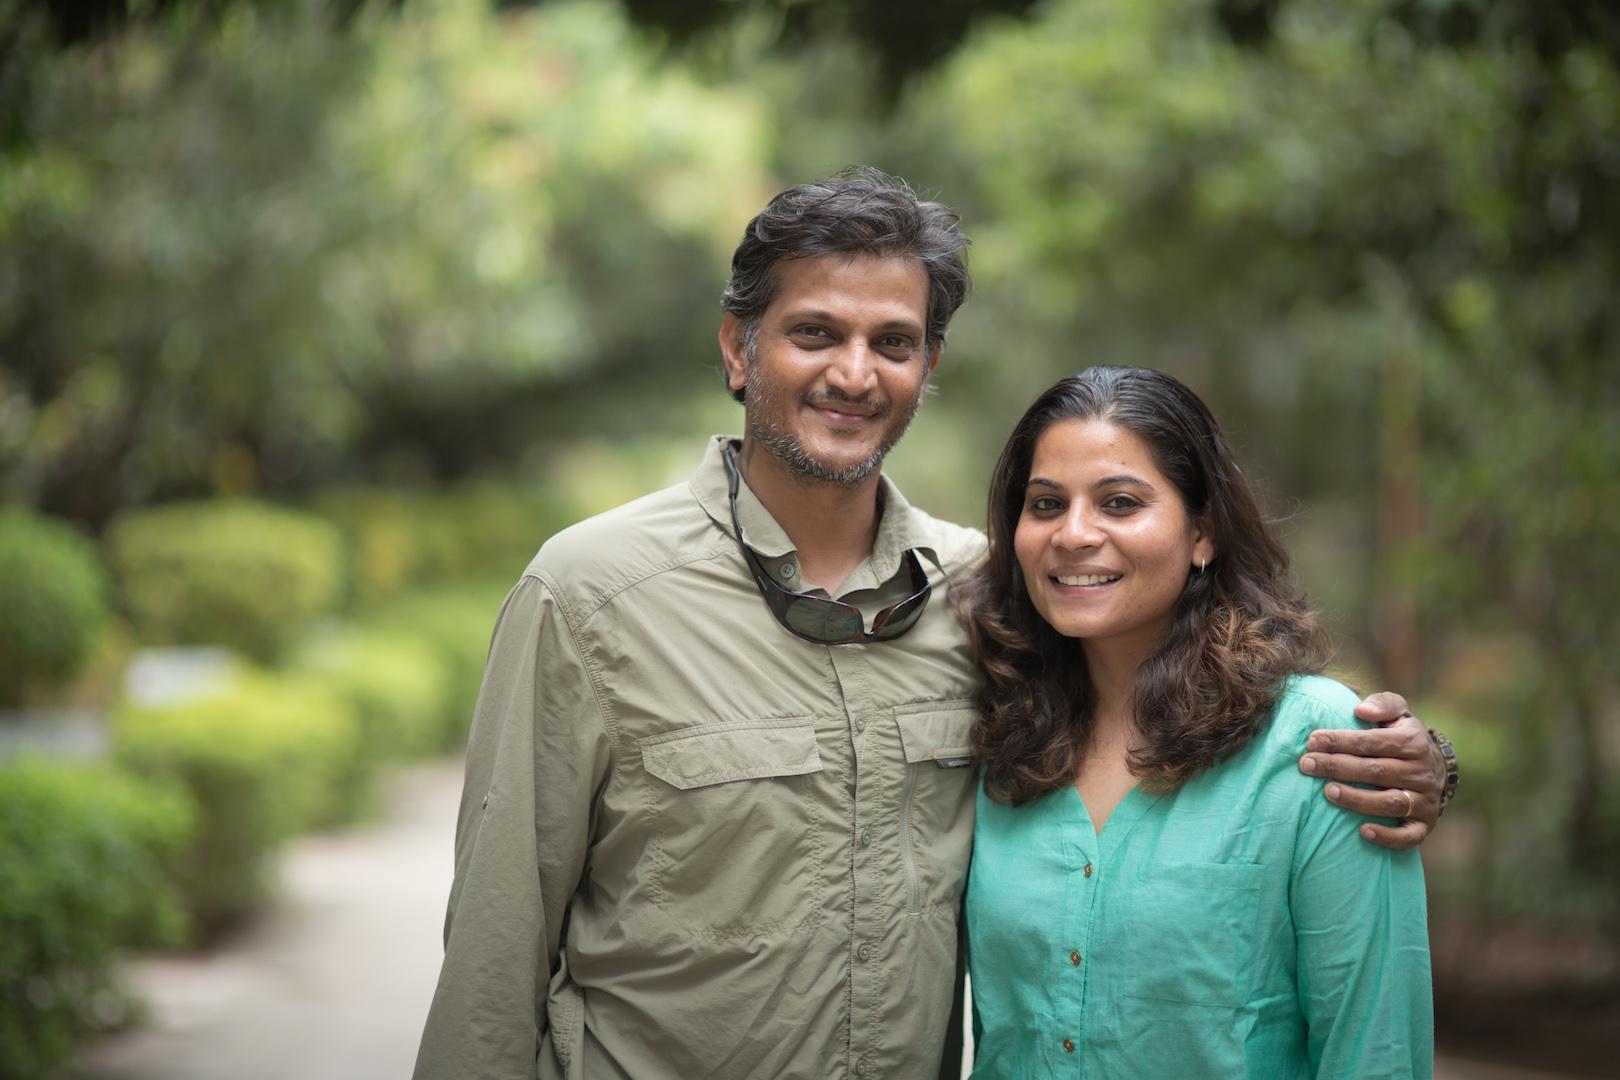 Vipul Ramanuj and Catherene Christian